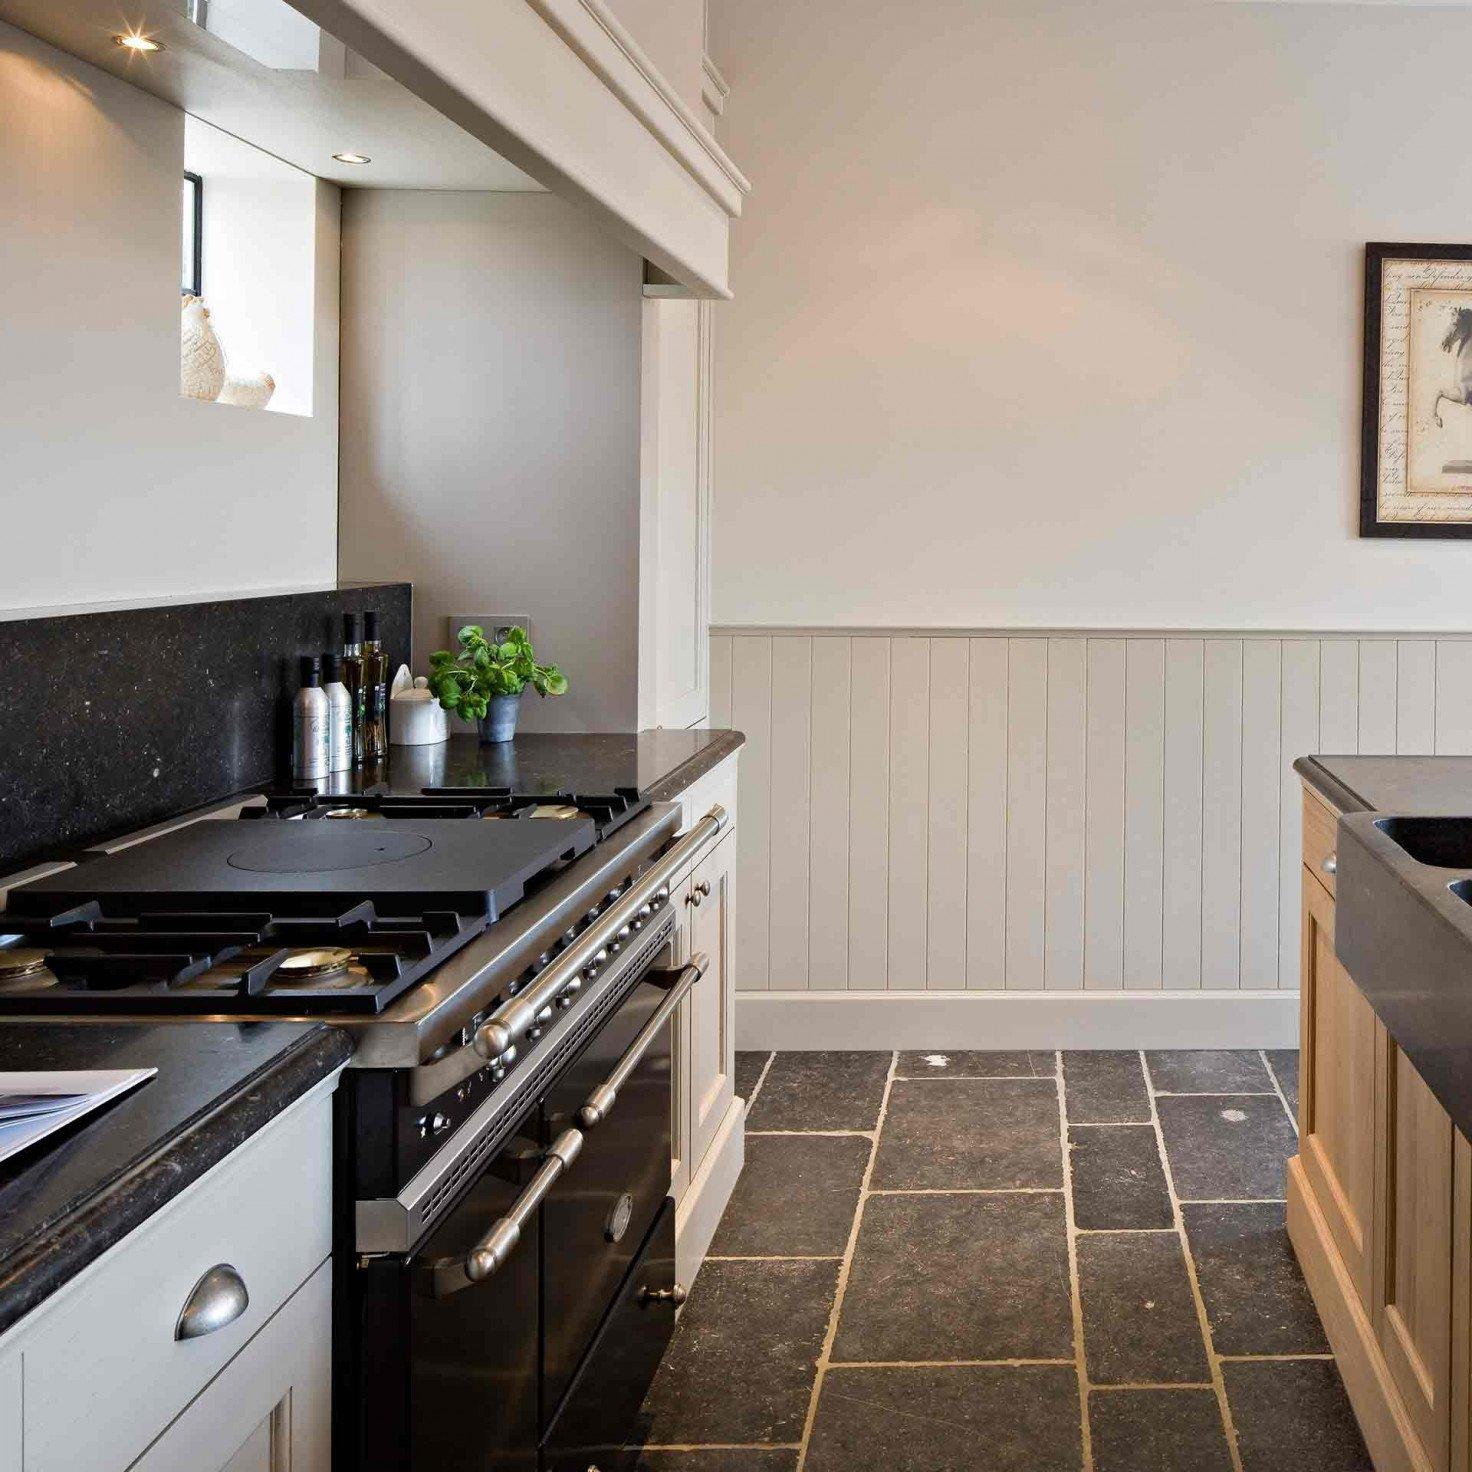 landelijke-keuken-kensington-blauwe-hardsteen-4.jpg